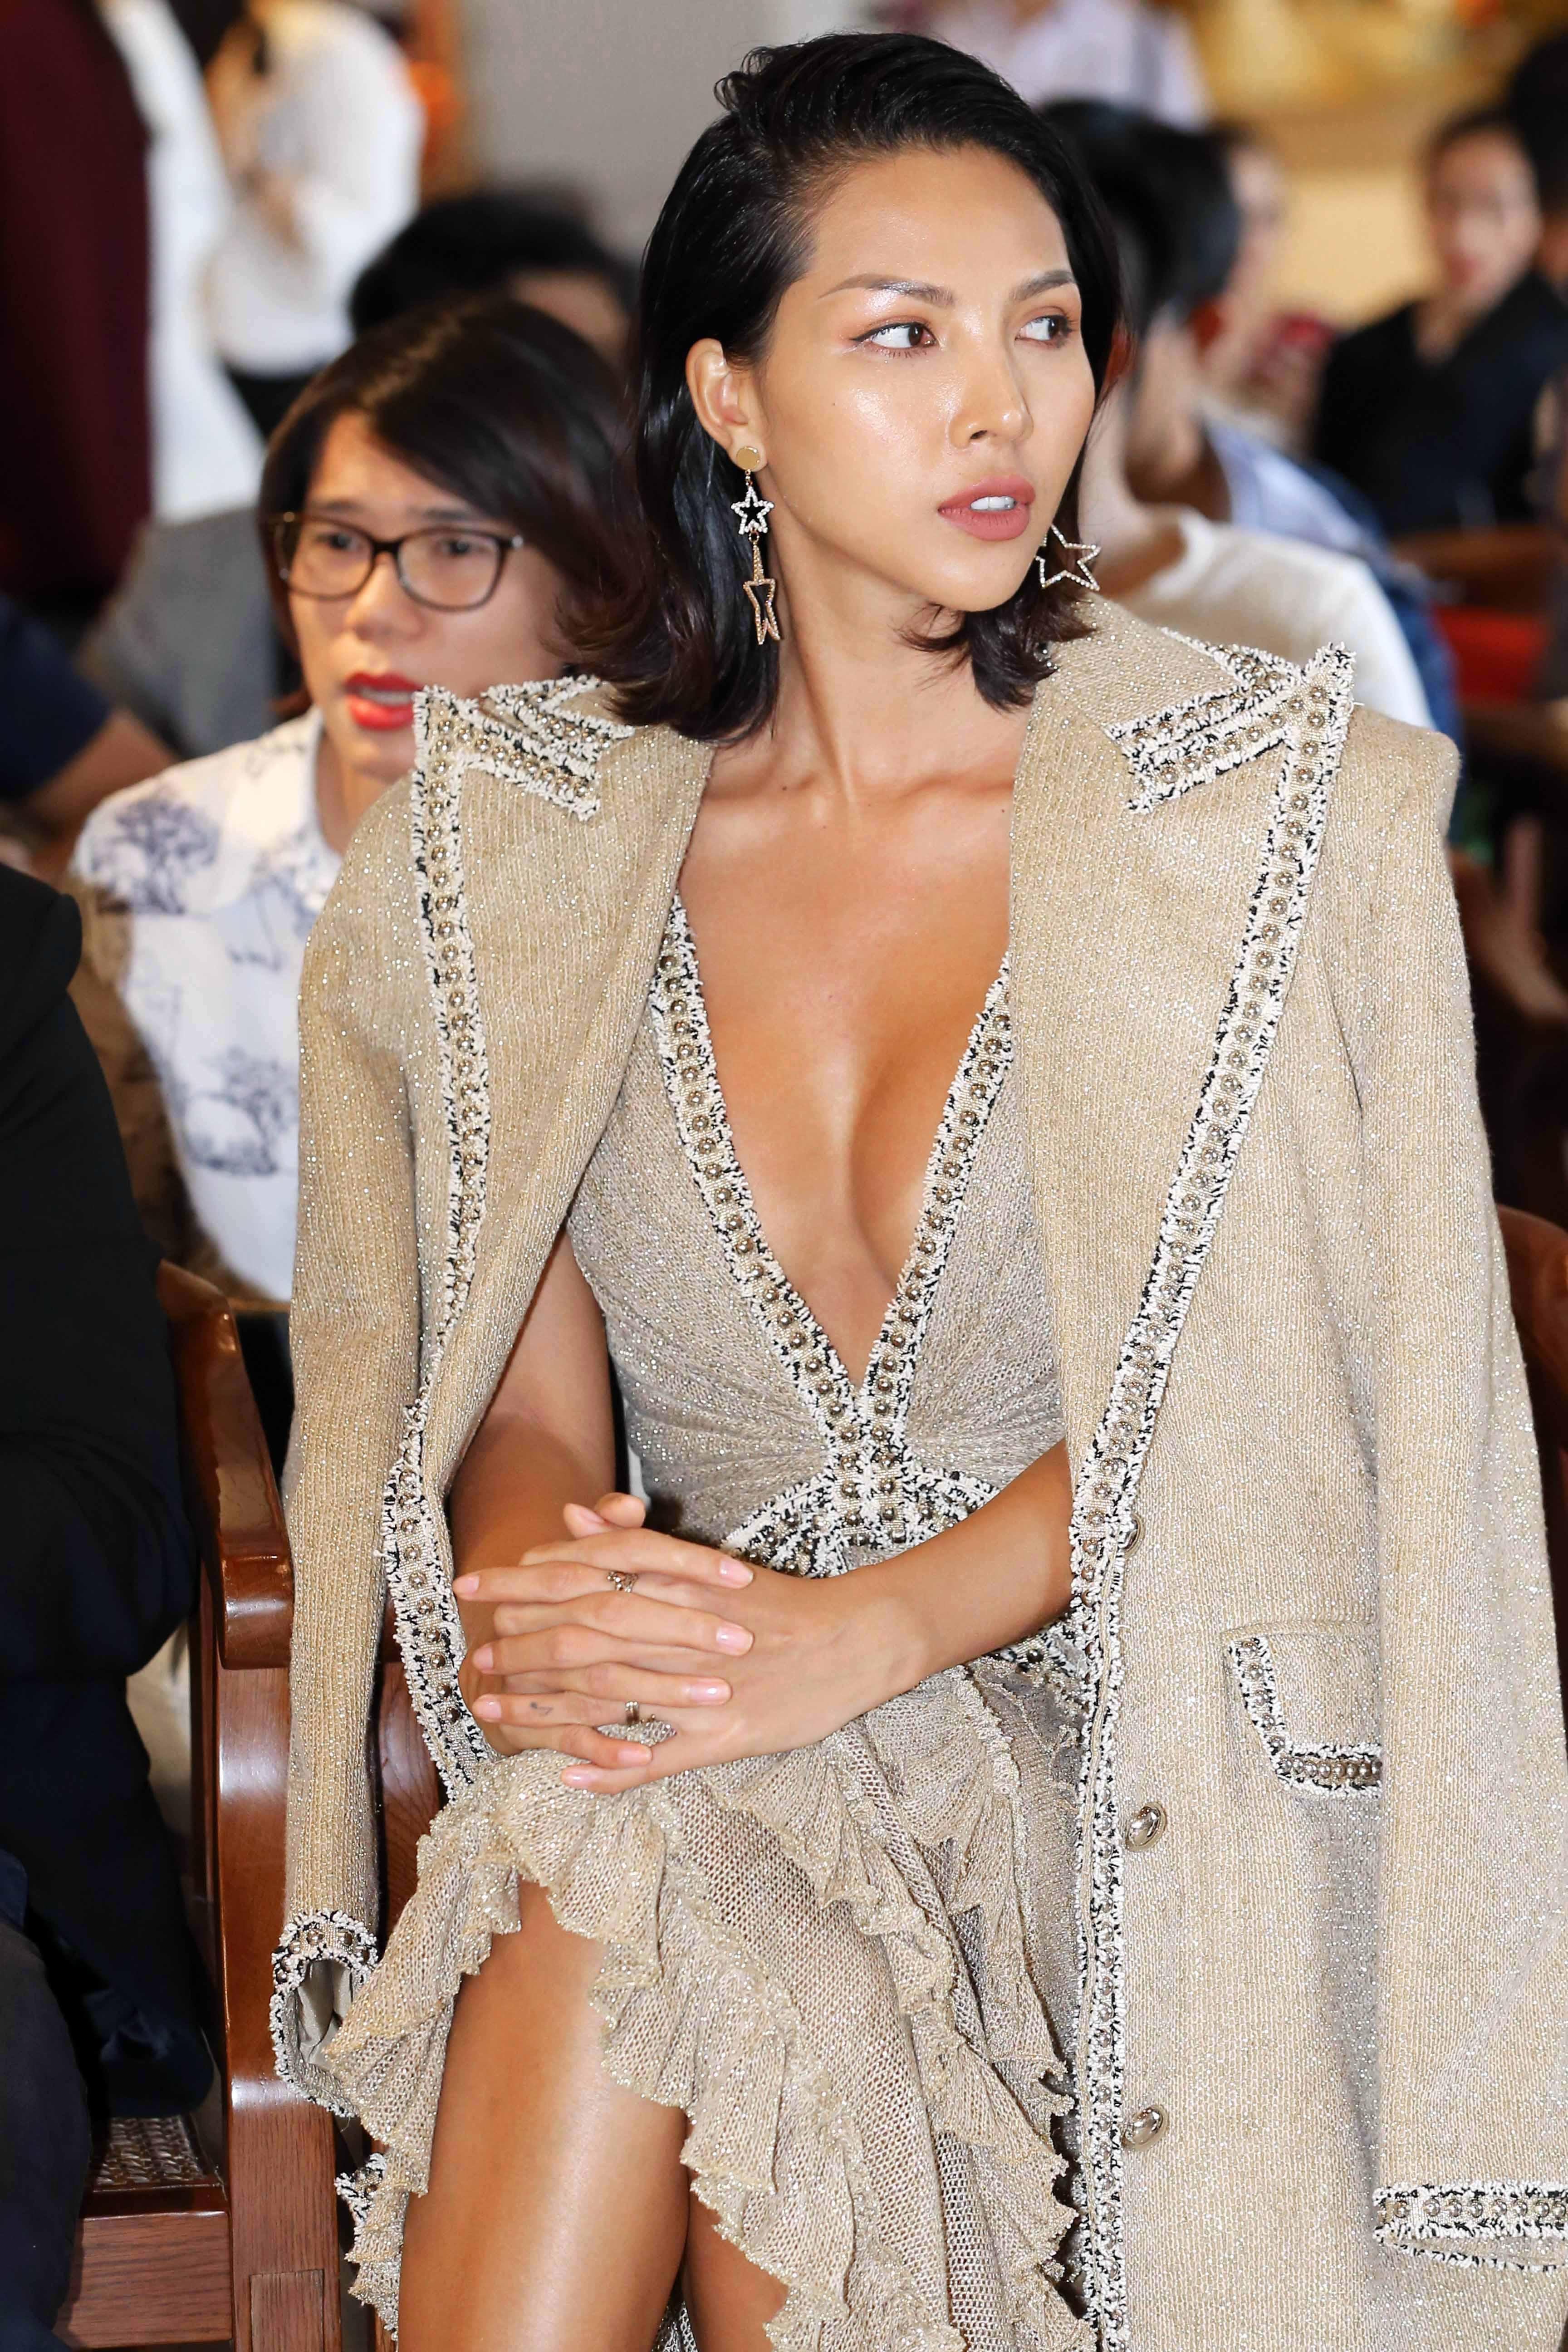 """Siêu mẫu Minh Triệu: """"ELLE Fashion Show năm nay có chủ đề thực tế và nóng hổi nhất từ trước tới nay!"""""""